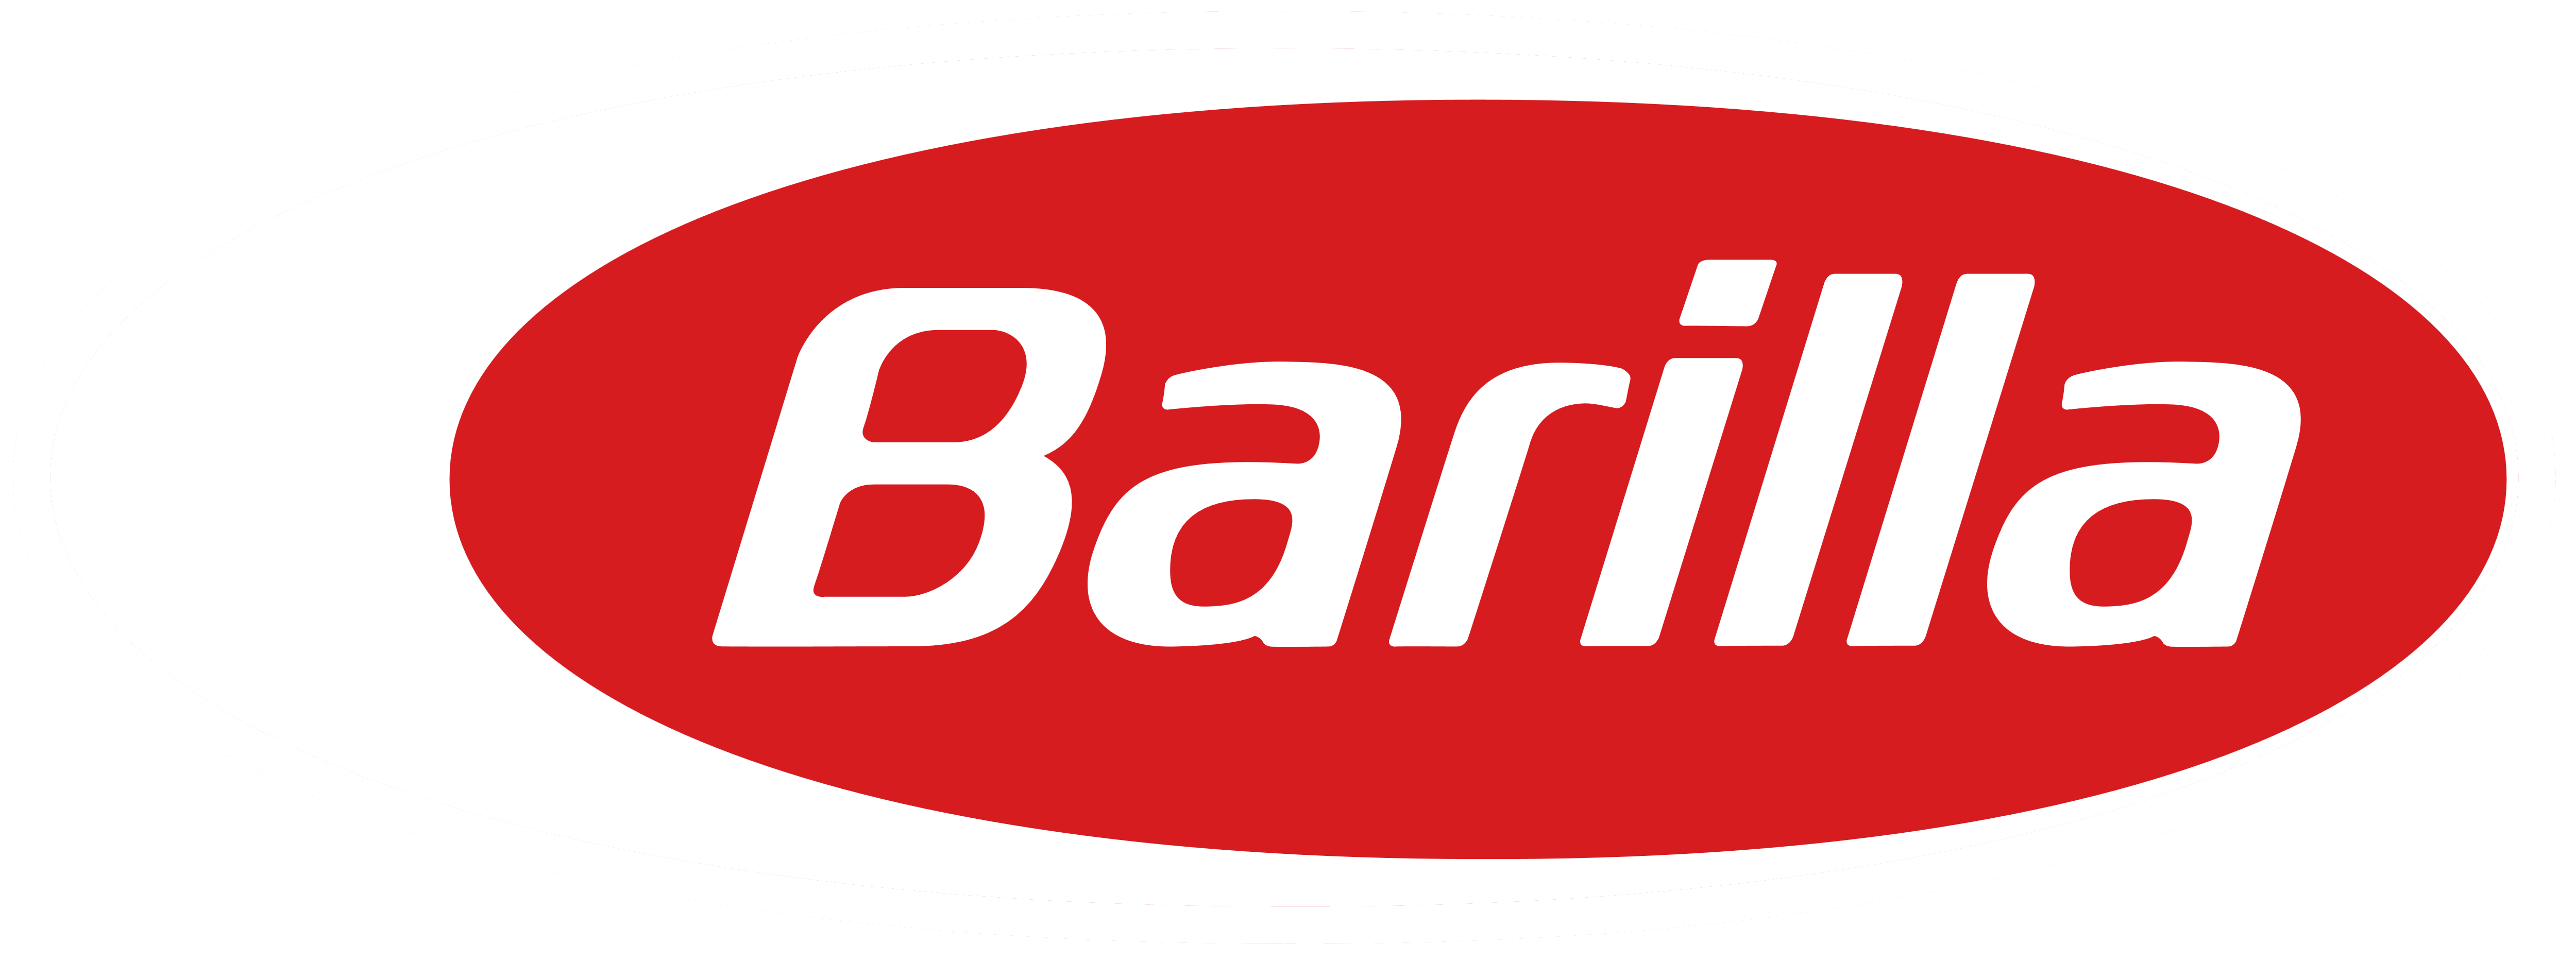 Barilla Logos Download